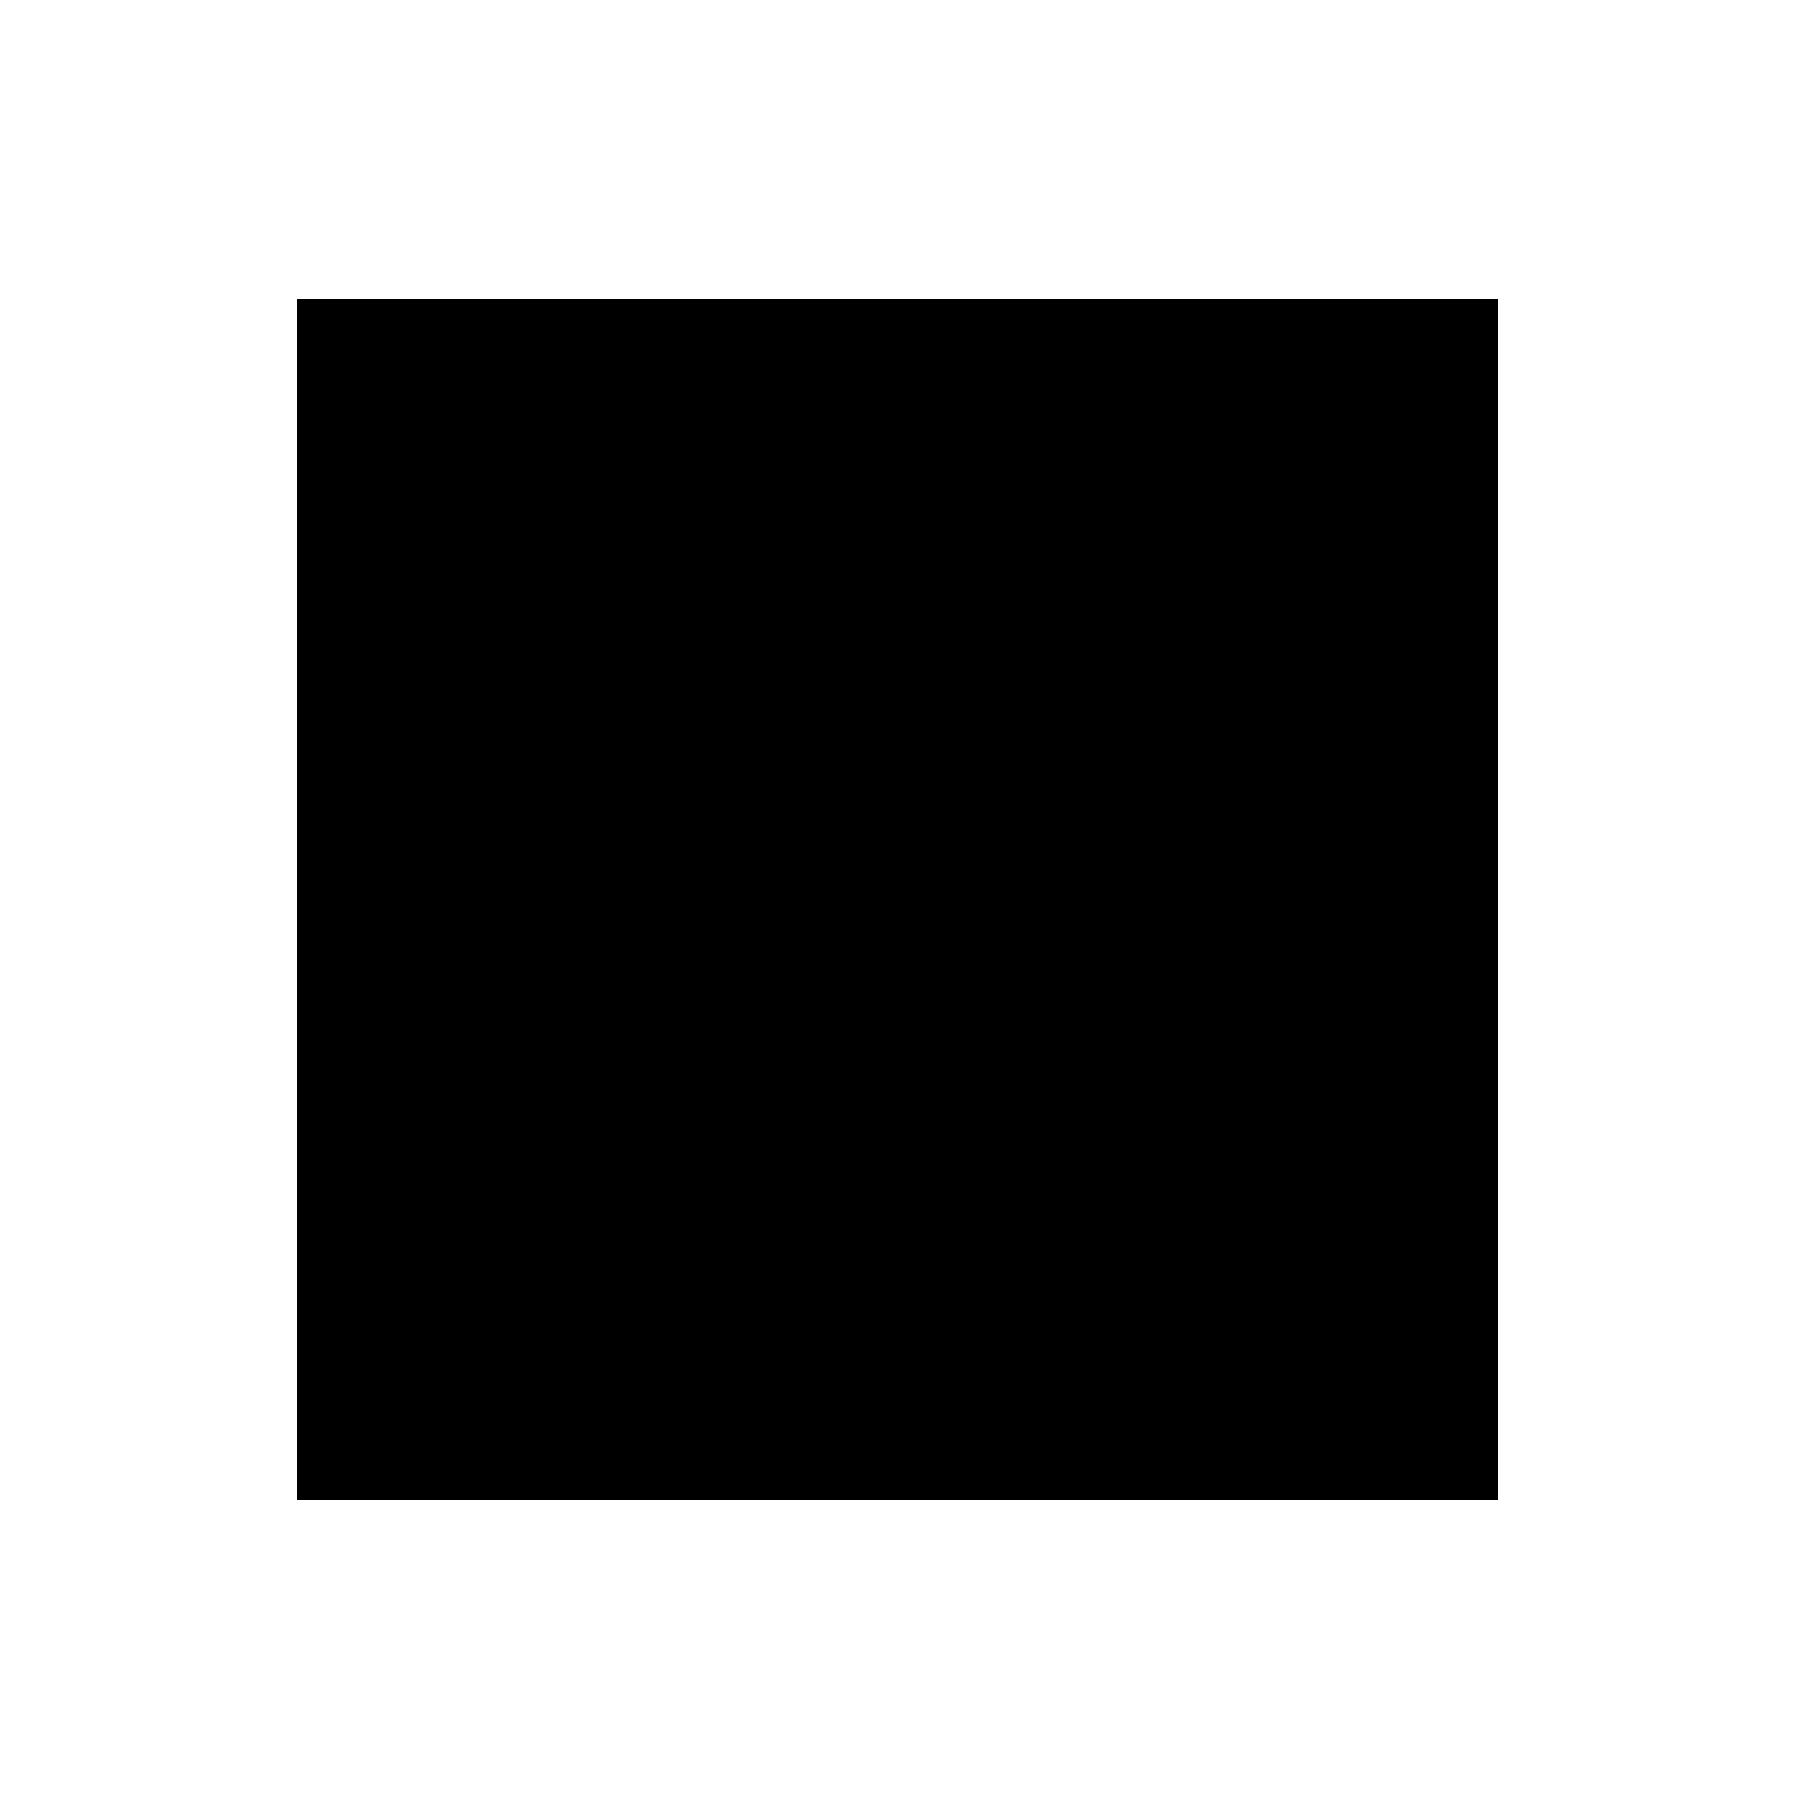 peta-uk-taw-logo-black.png